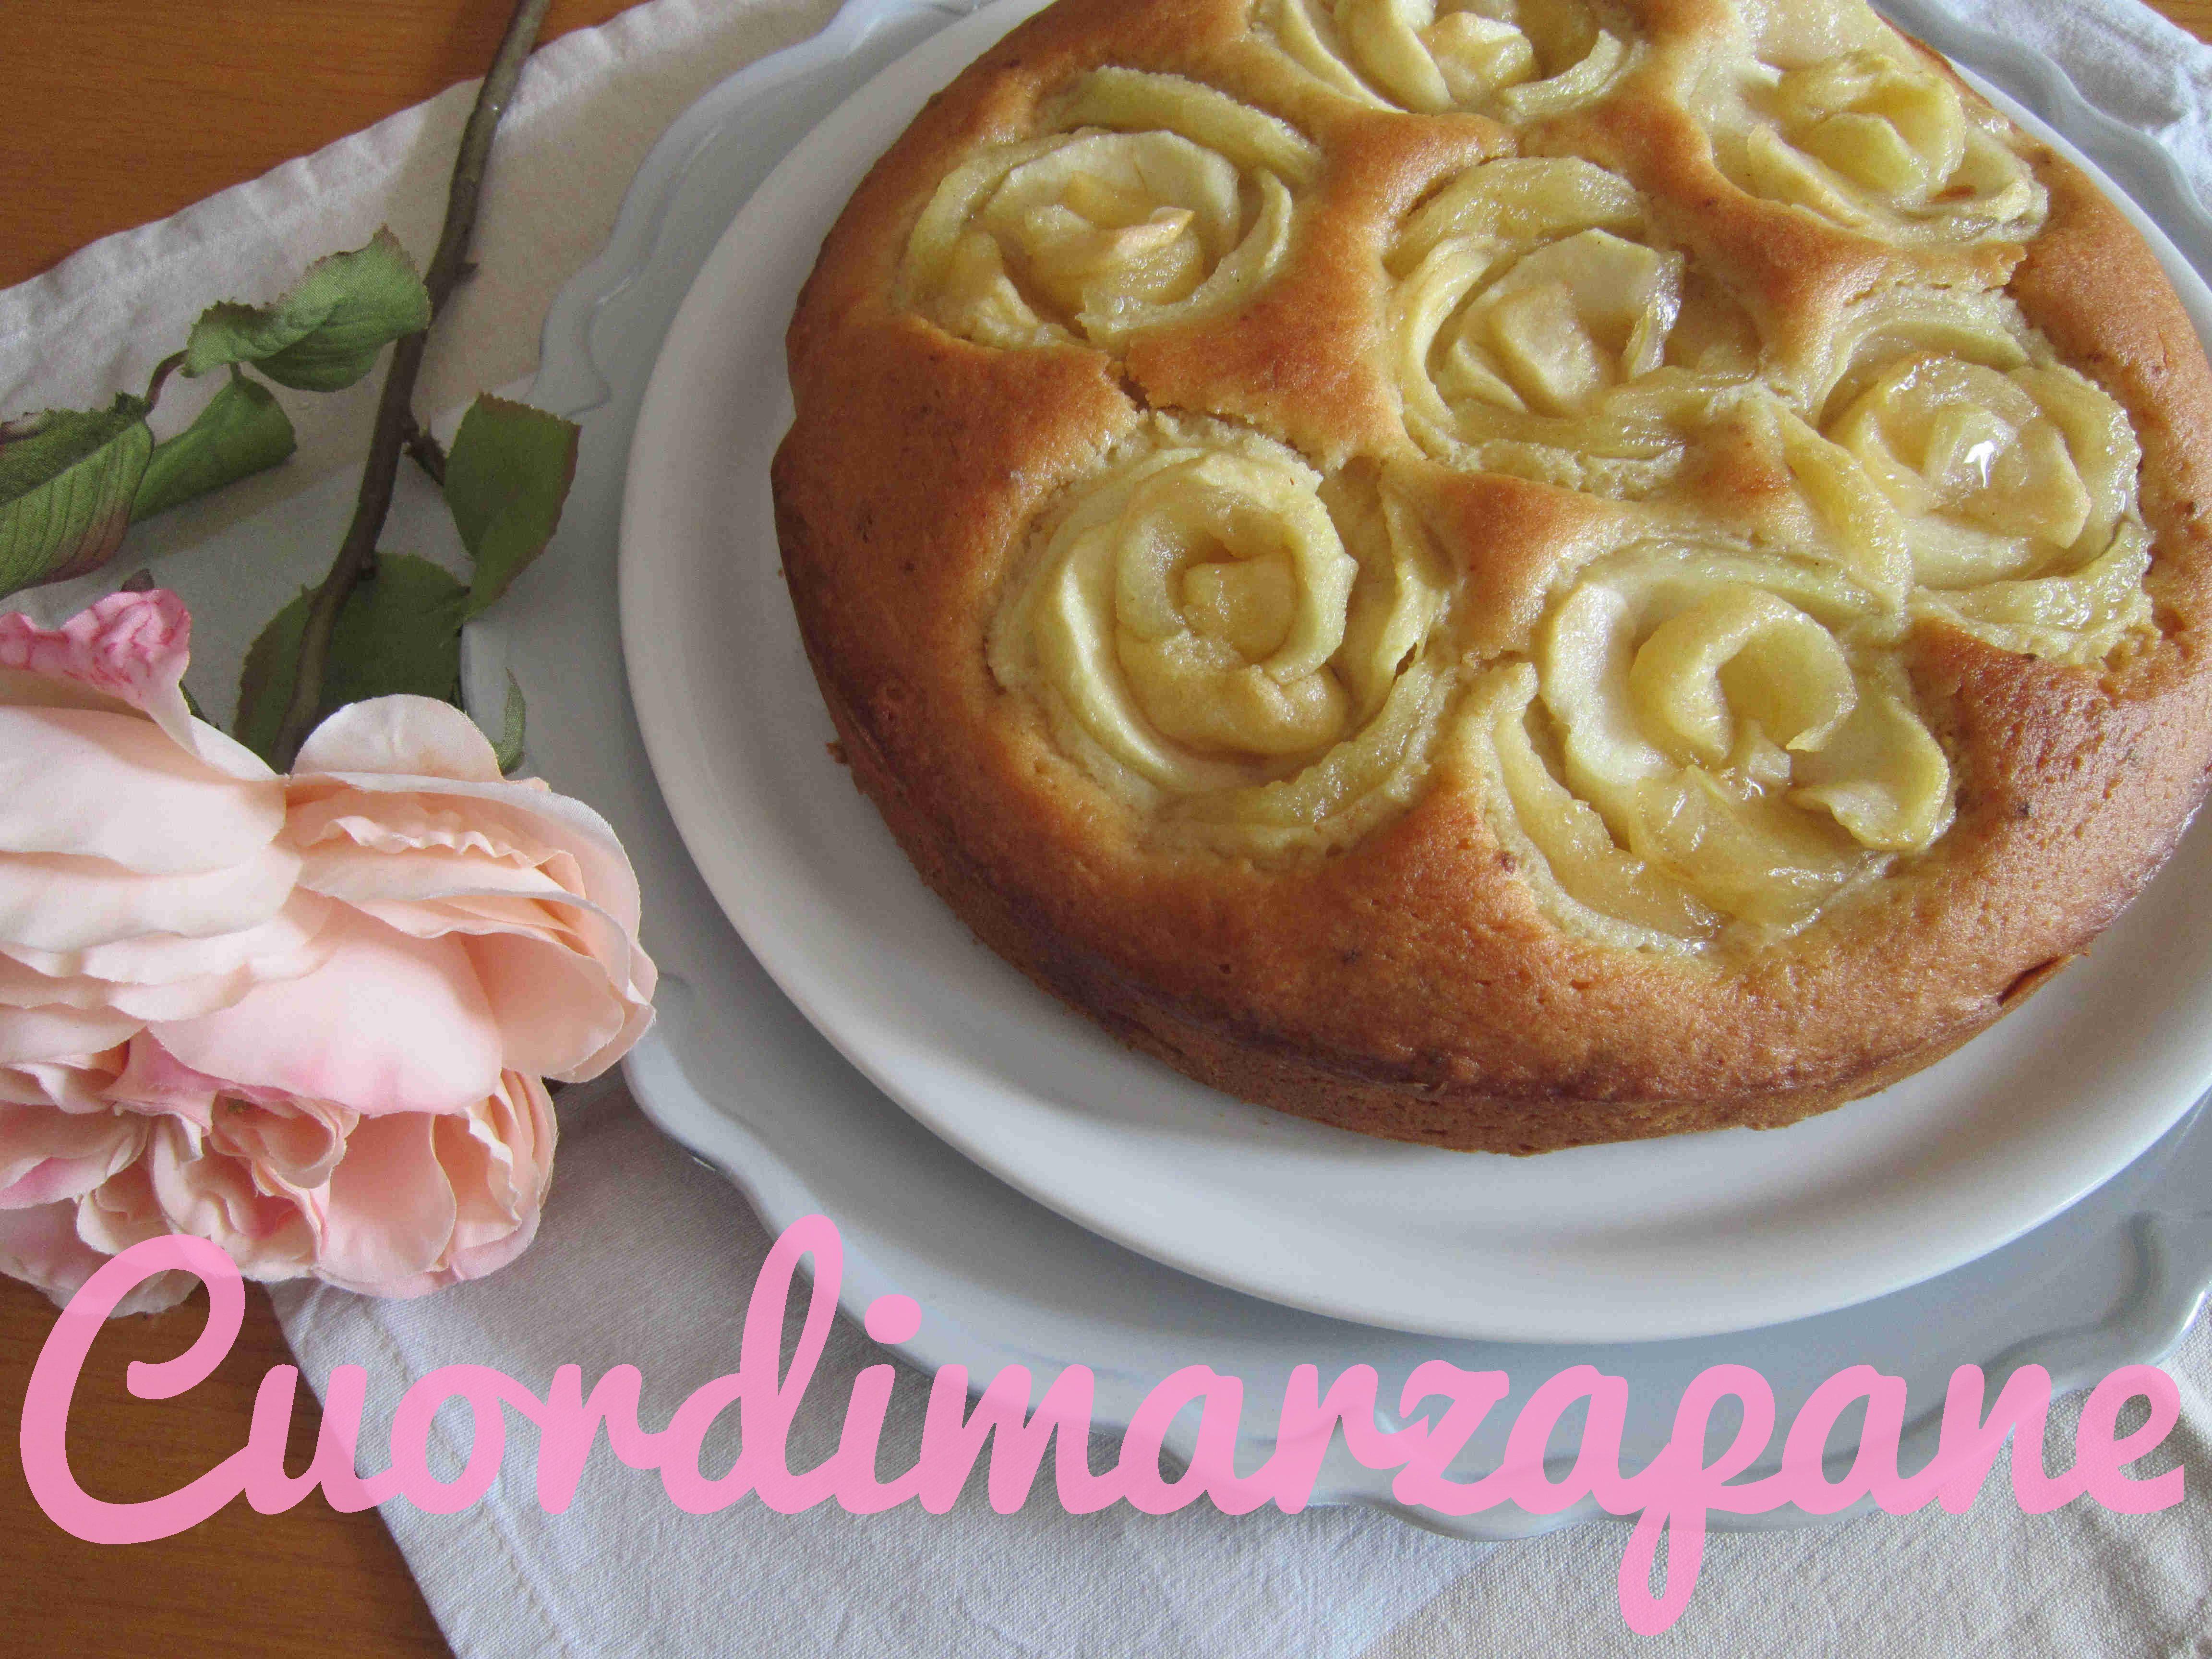 Torta con rose di mele | Cuor di Marzapane